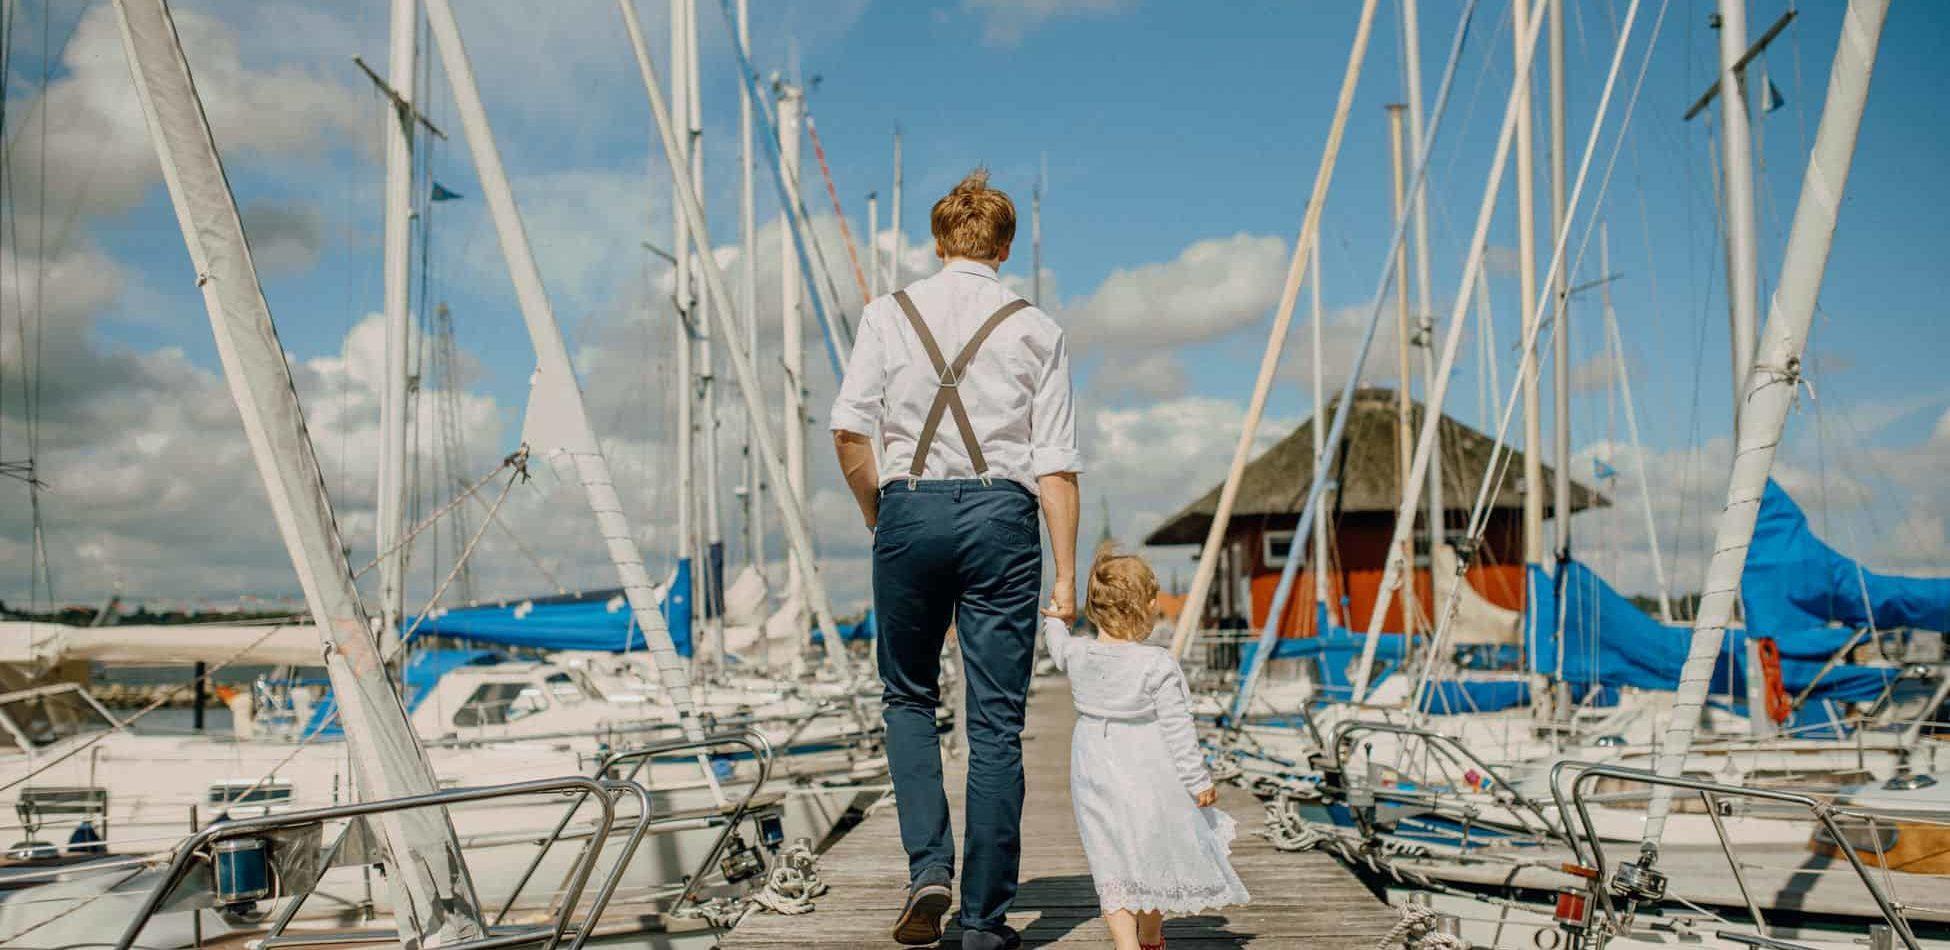 Hochzeitsfotograf Hamburg, Hochzeitsfotografie Hamburg, Fotograf Hochzeit Hamburg